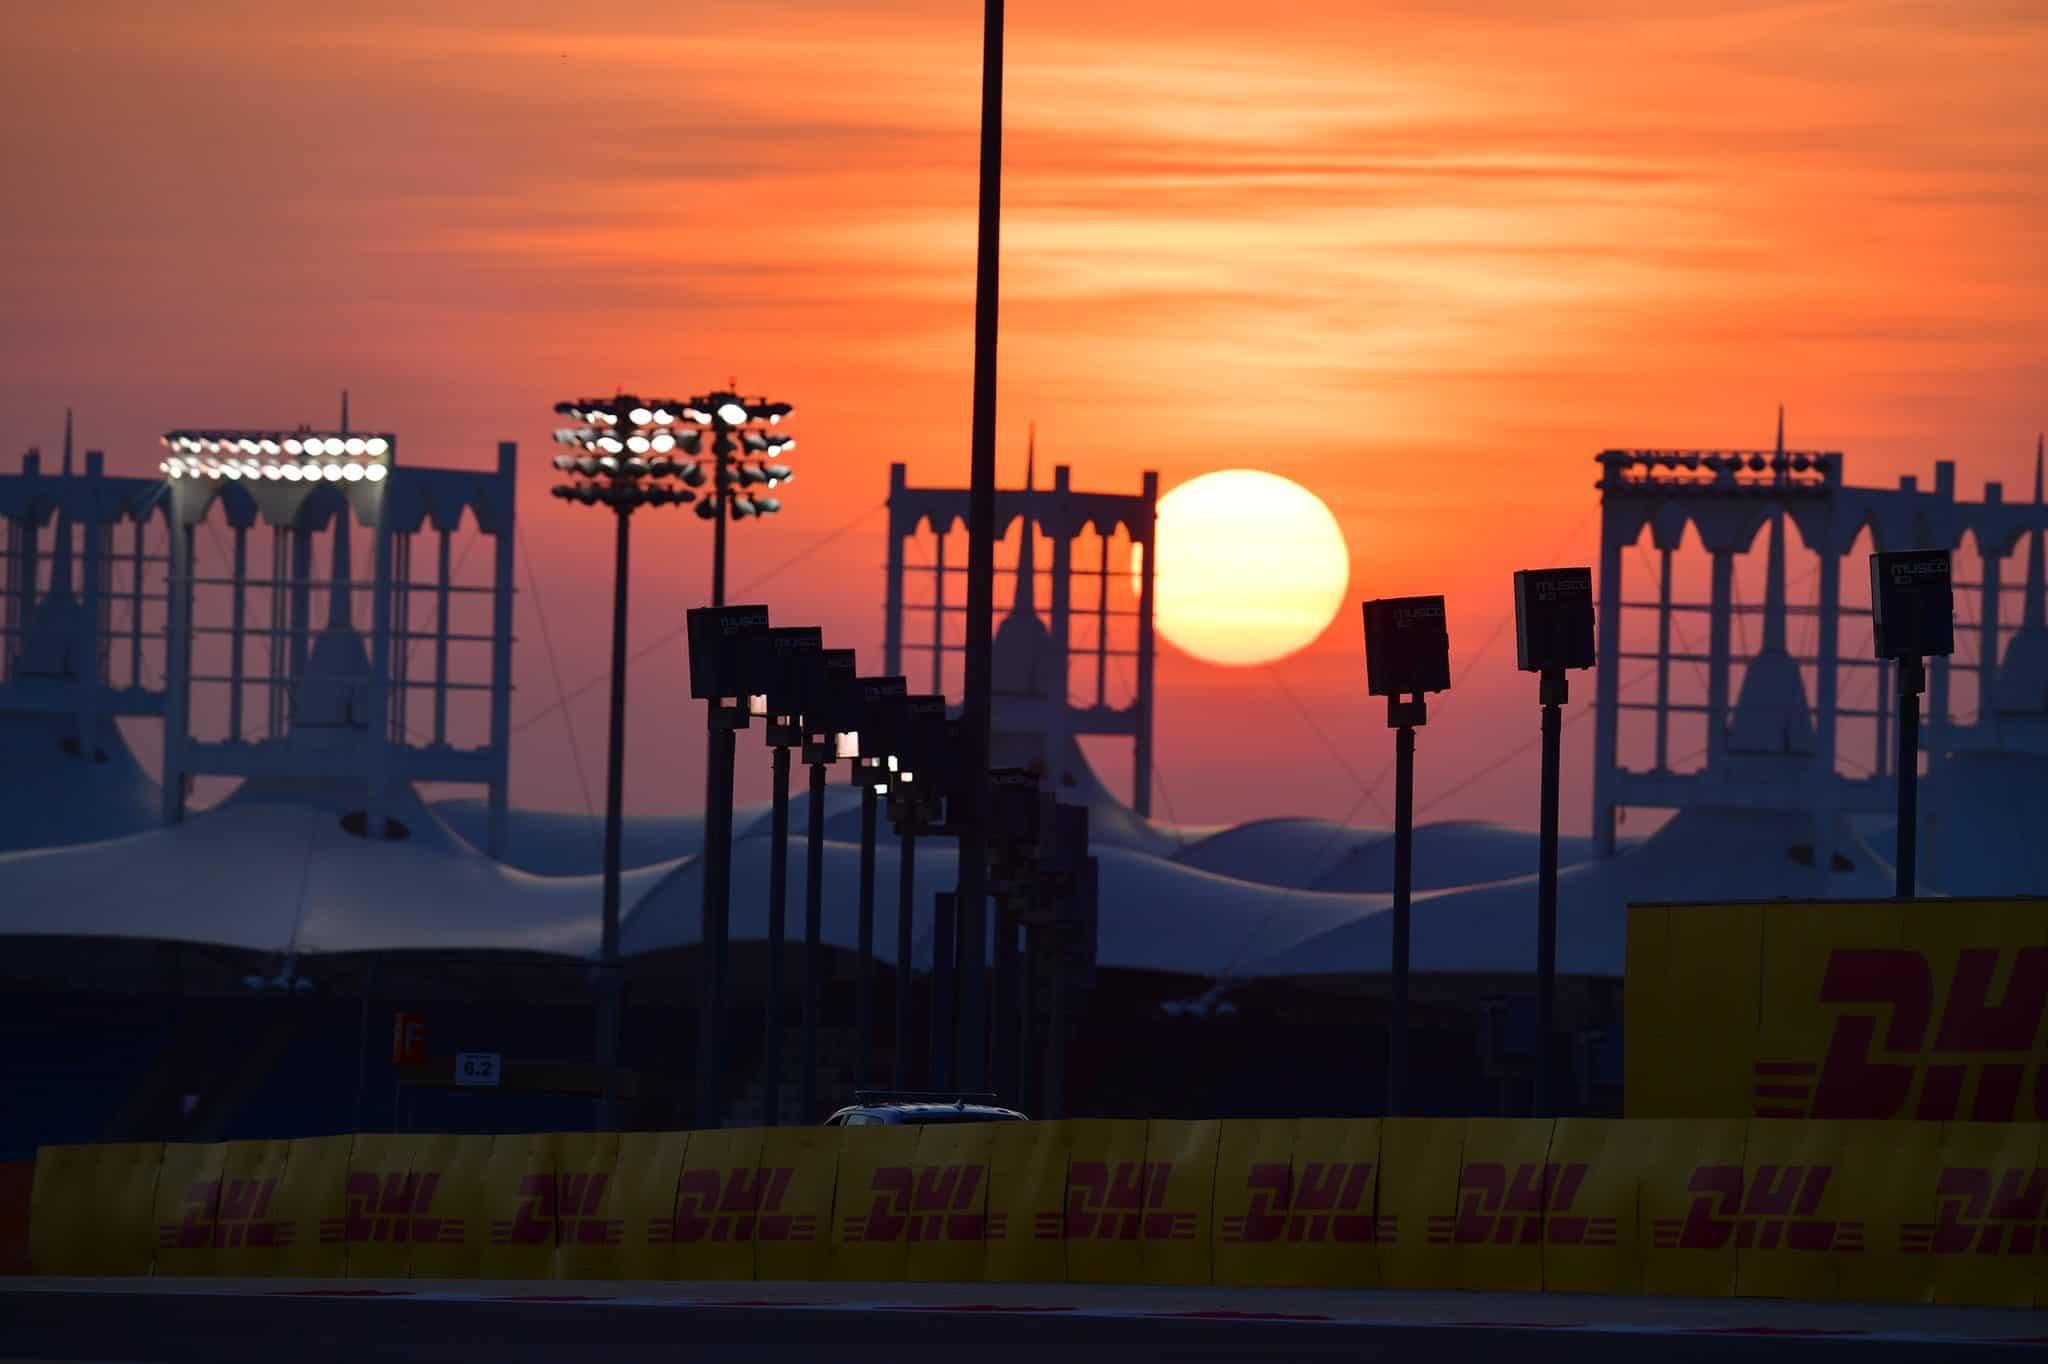 Un suggestivo tramonto al Sakhir, teatro questo weekend della seconda gara consecutiva in questo Mondiale 2020, che sta giungendo appunto al suo tramonto (foto da: twitter.com)